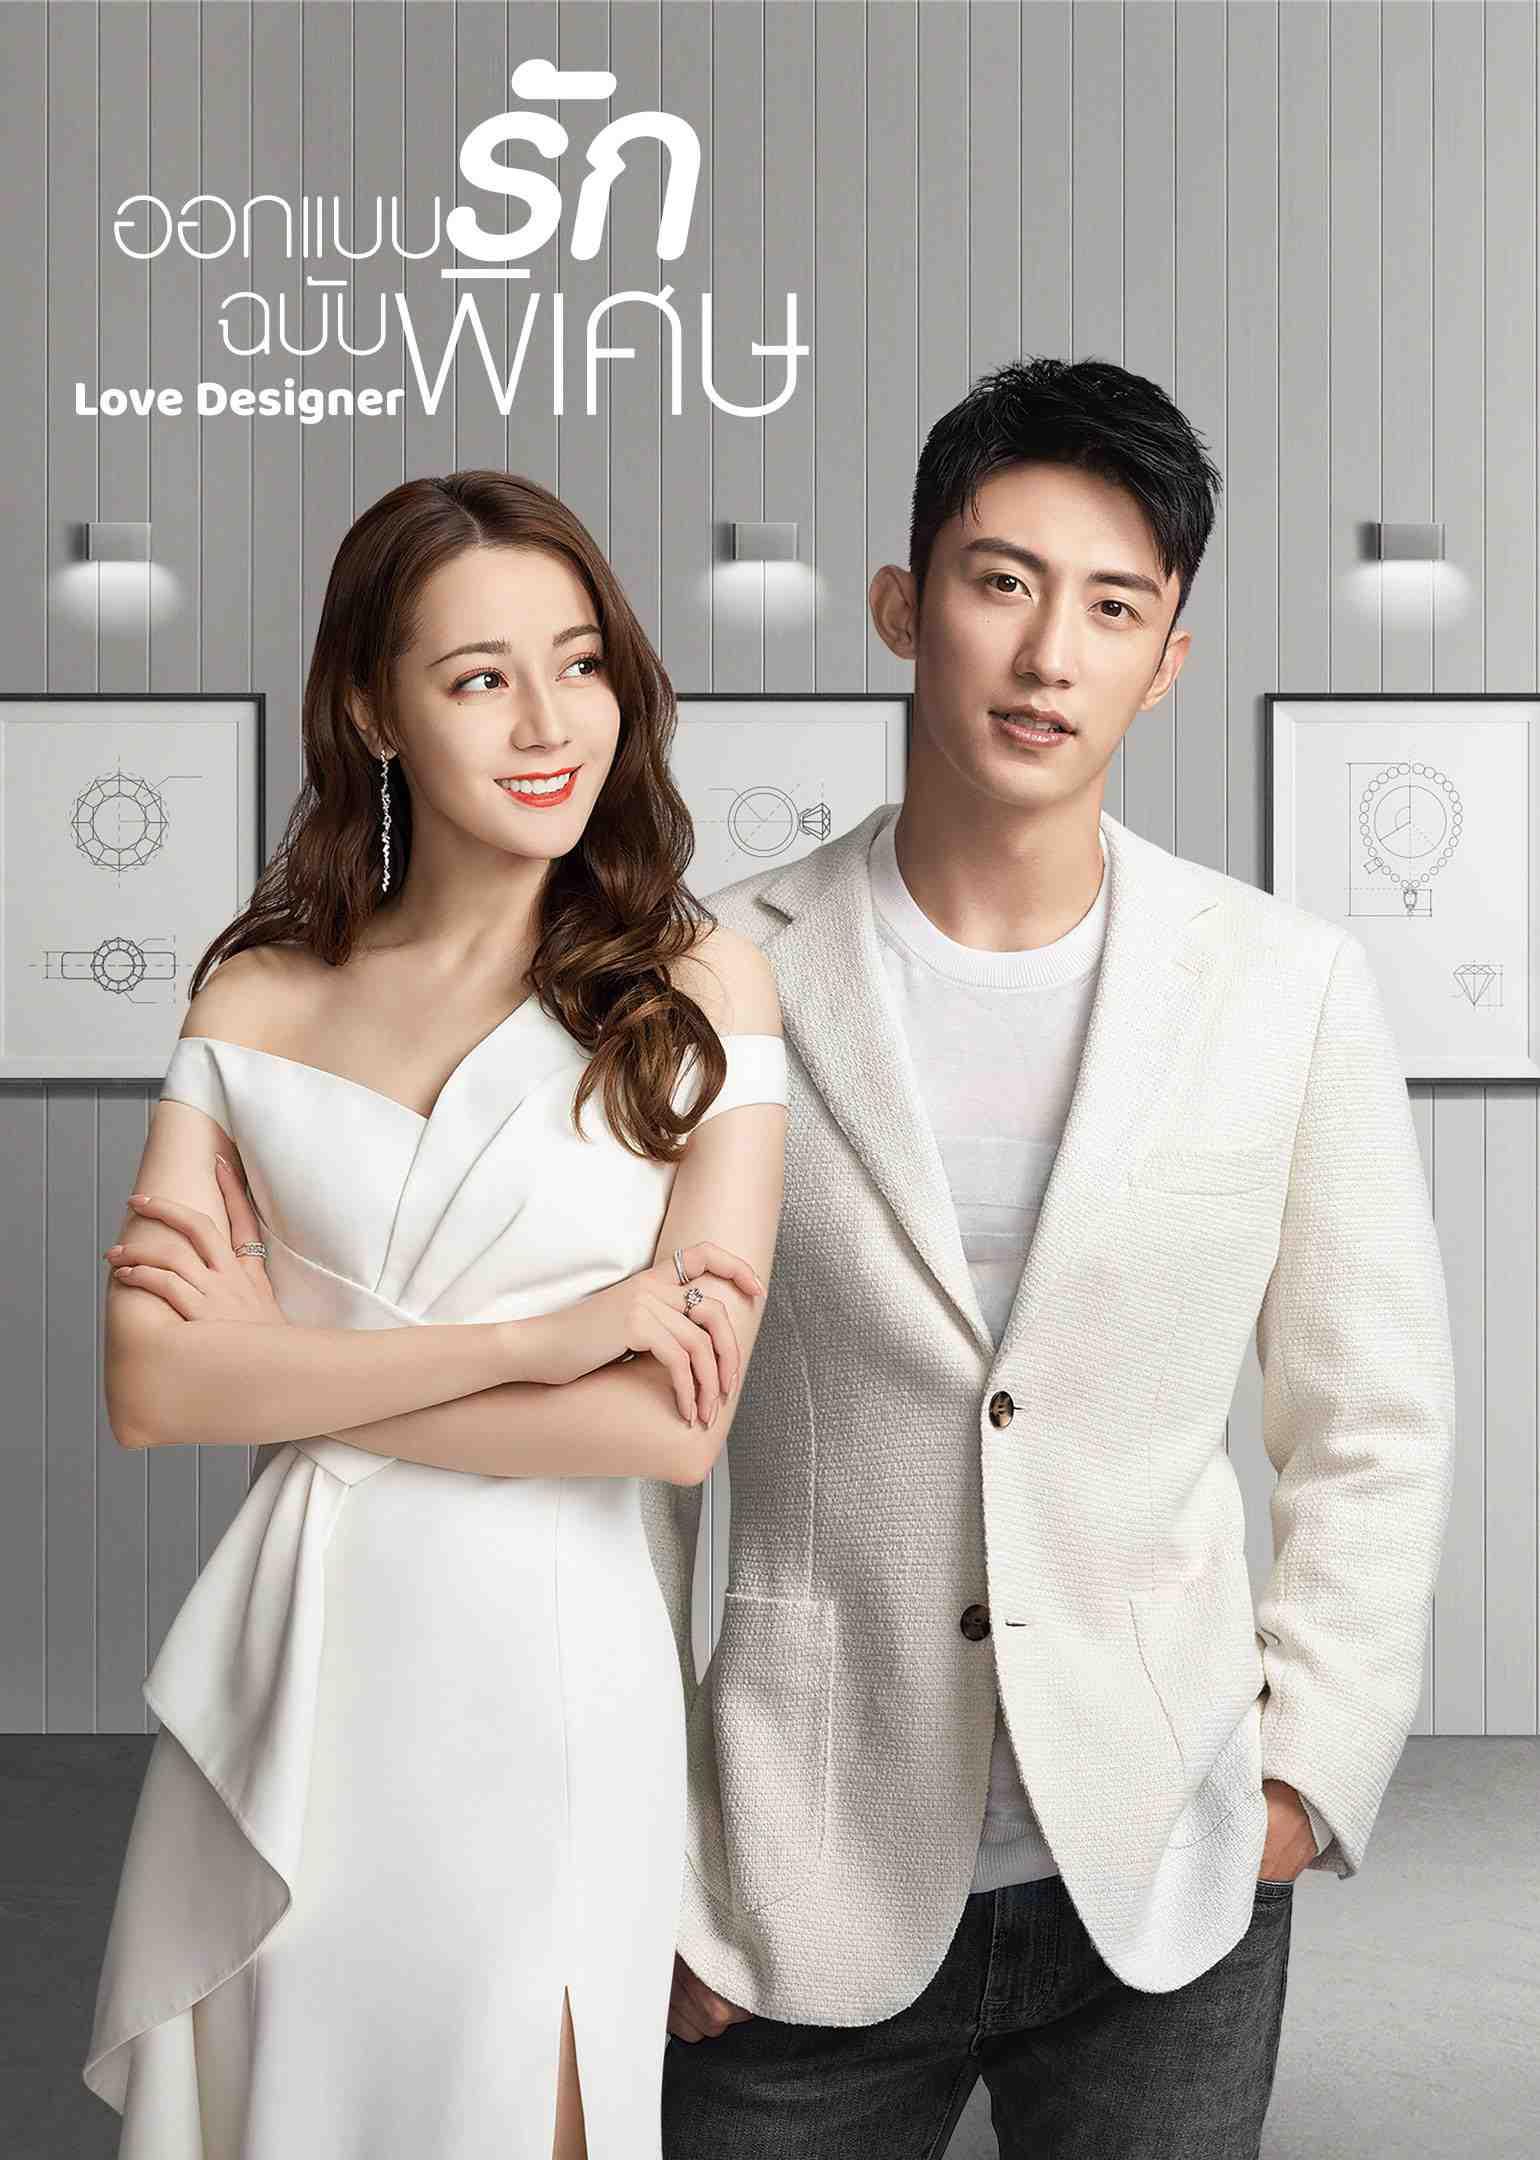 ดูหนัง ซีรี่ย์จีน Love Designer (2020) ออกแบบรักฉบับพิเศษ ดูหนังออนไลน์ฟรี ดูหนังฟรี ดูหนังใหม่ชนโรง หนังใหม่ล่าสุด หนังแอคชั่น หนังผจญภัย หนังแอนนิเมชั่น หนัง HD ได้ที่ movie24x.com